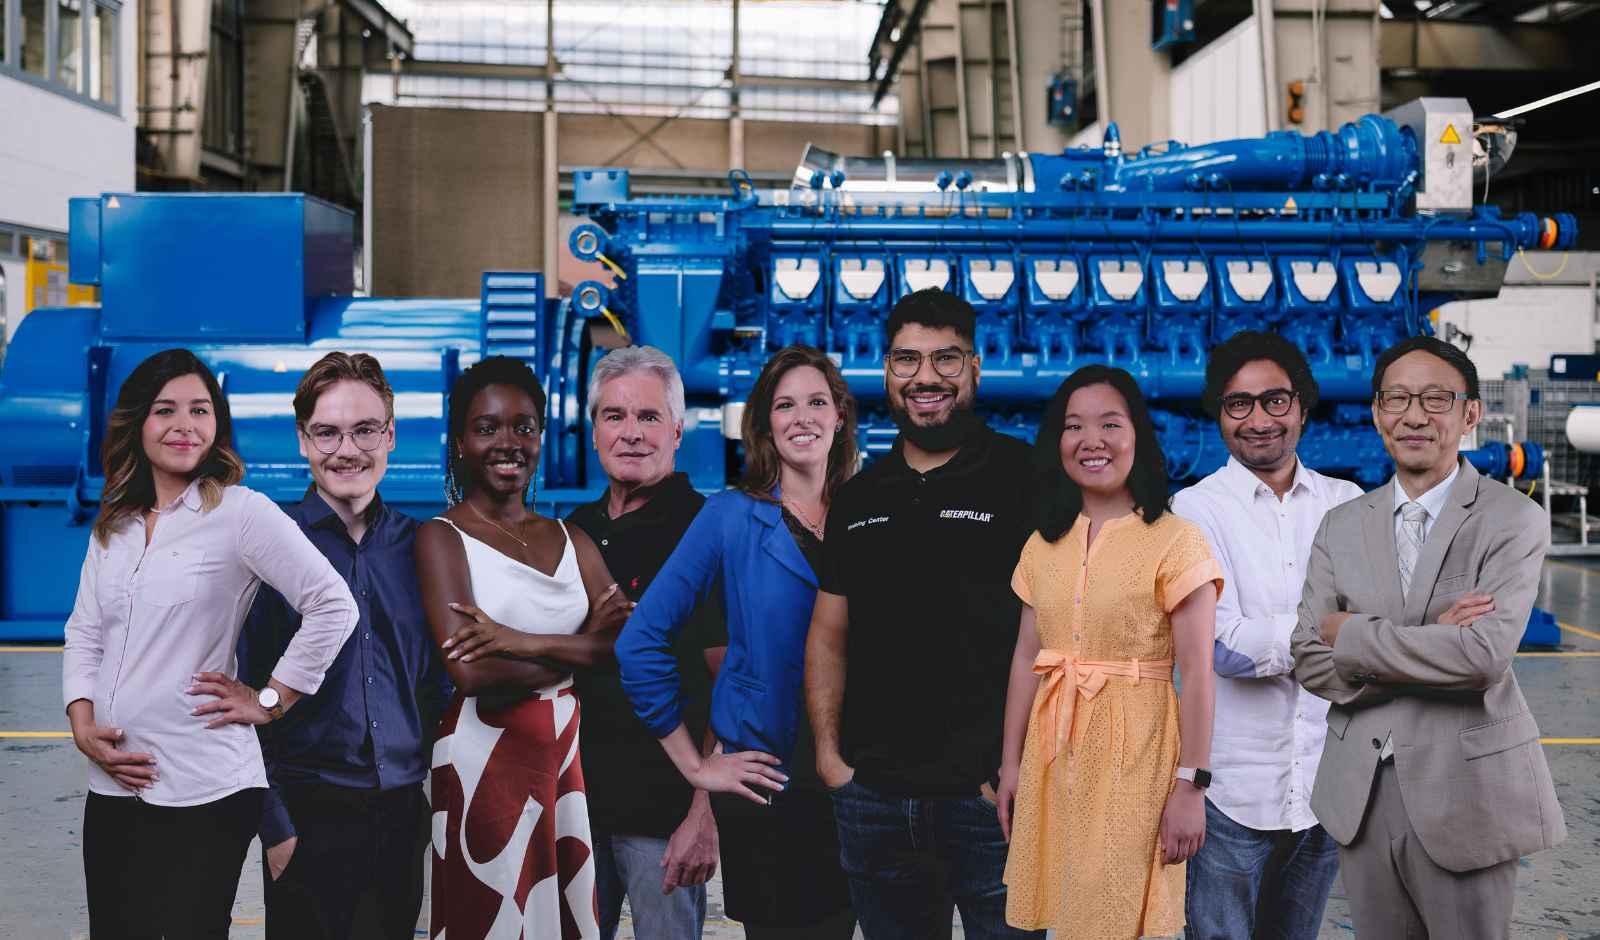 Durch Vielfalt Innovation ermöglichen